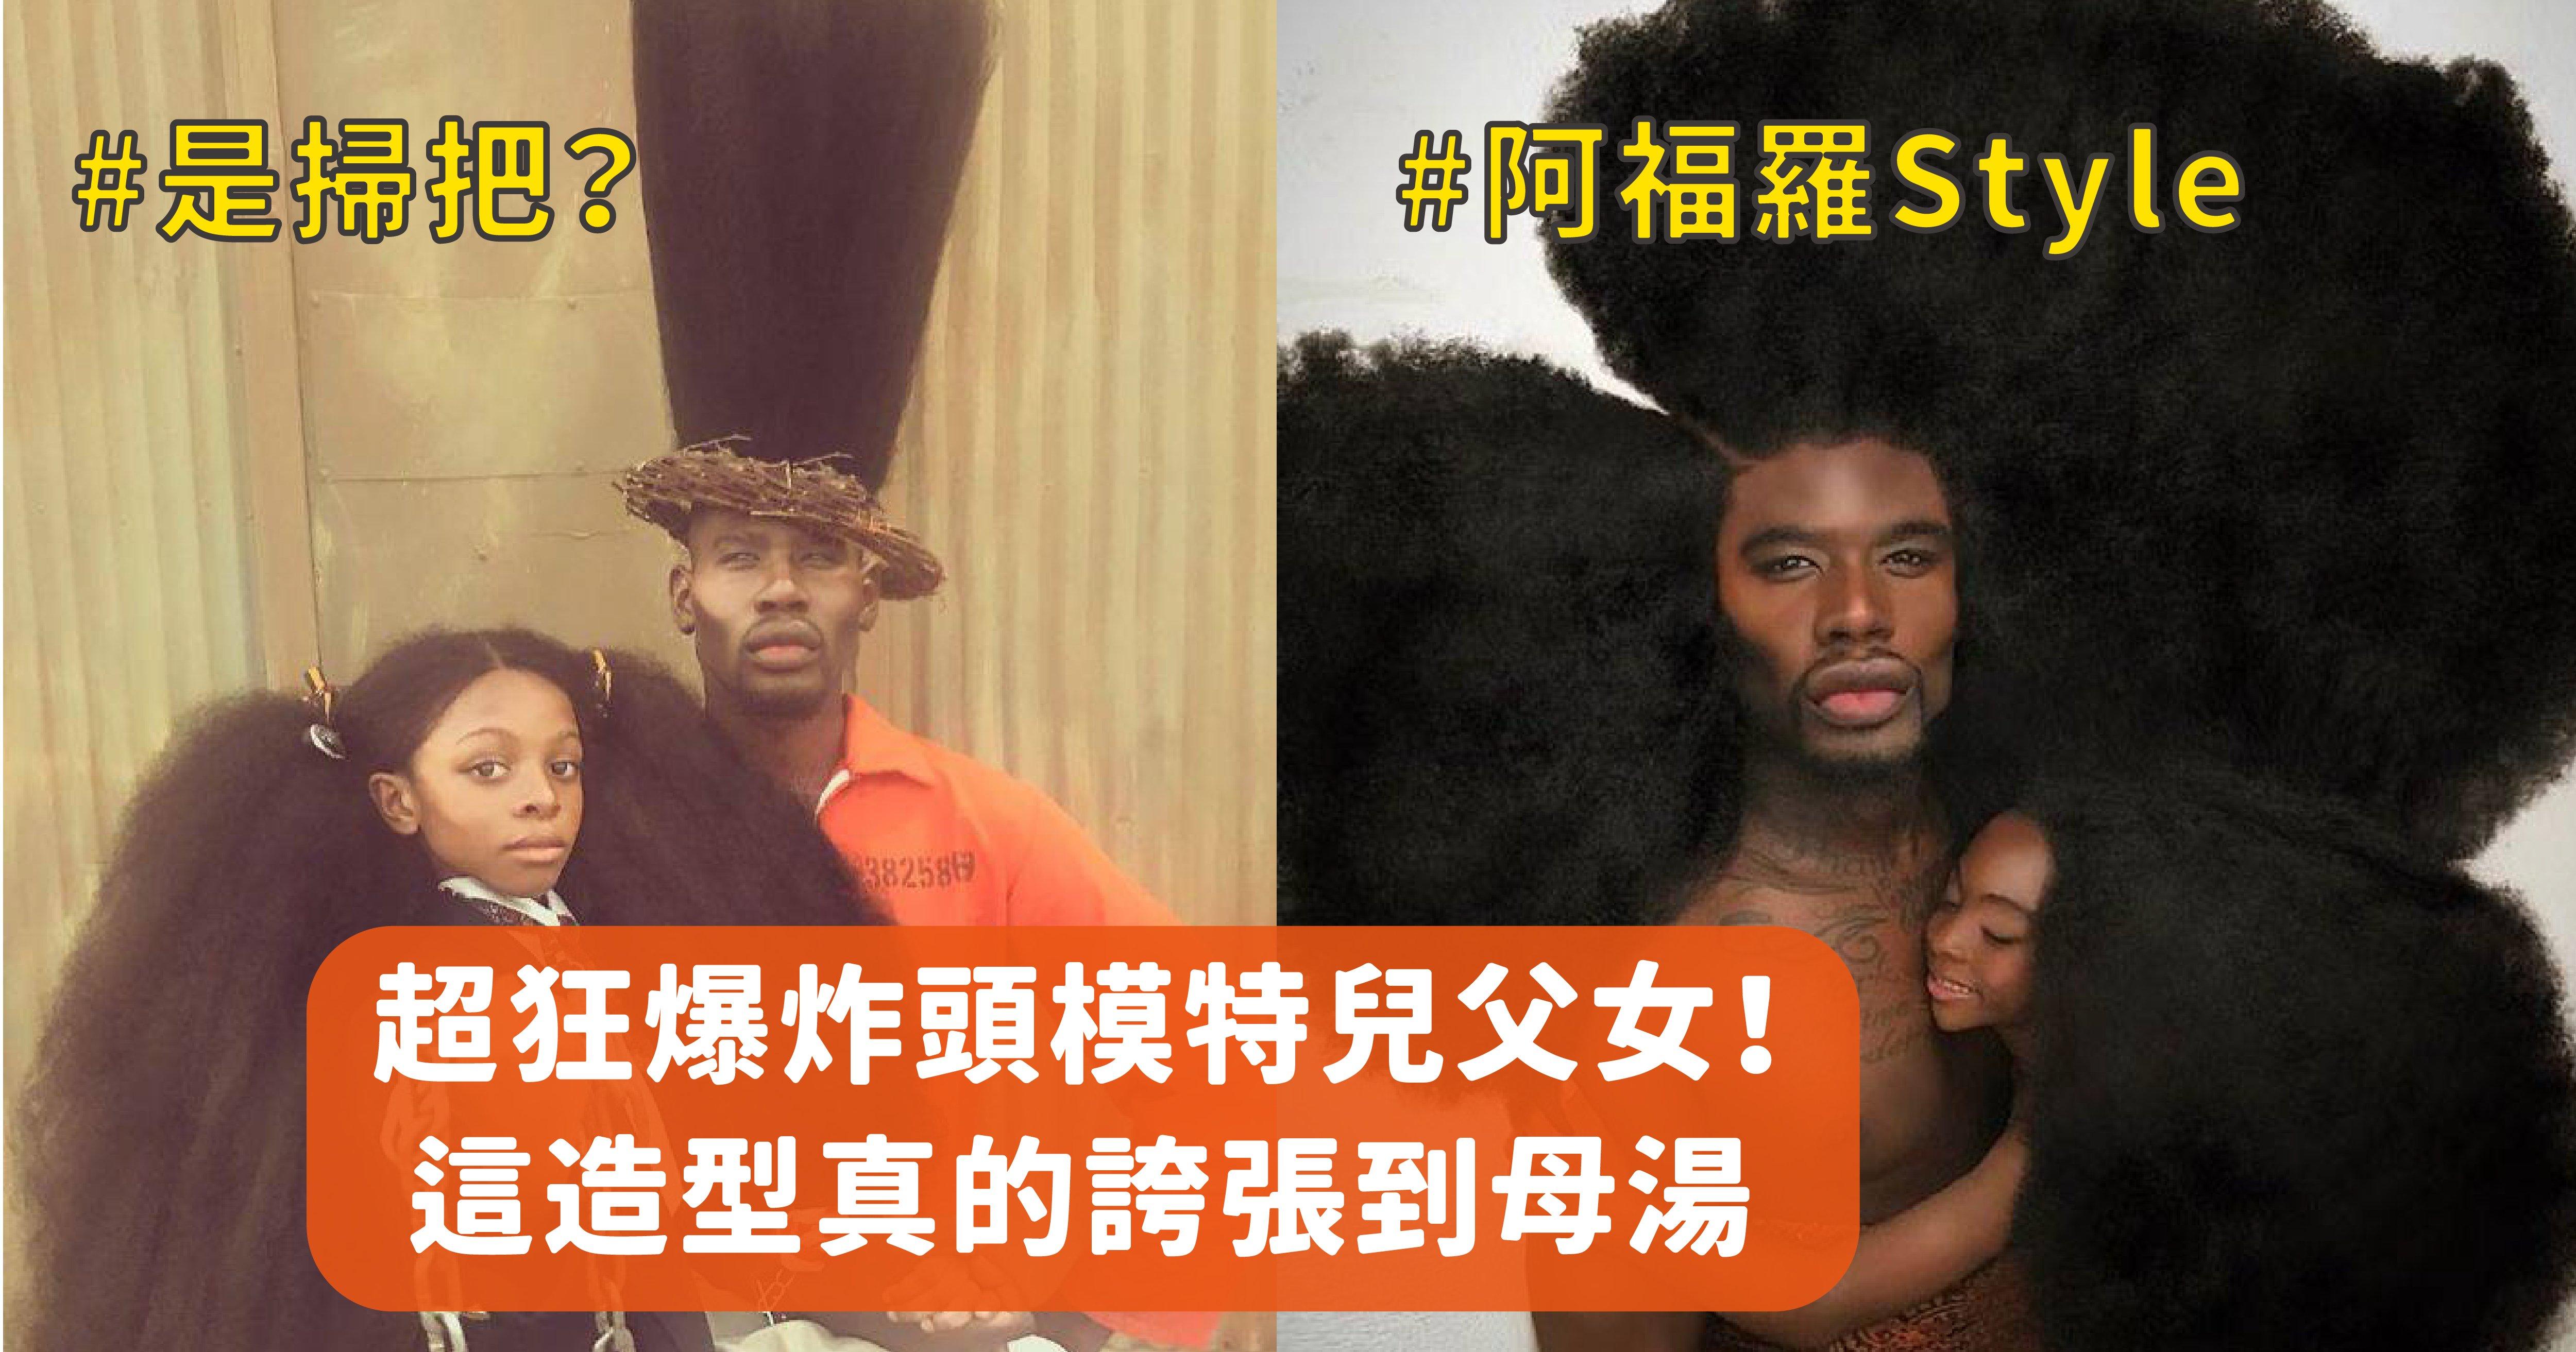 vonvone5b081e99da2 e78886e782b8e9a0ad 01.png?resize=300,169 - 超狂爆炸頭父女造型美如畫!這髮型在台灣應該會熱死吧XD